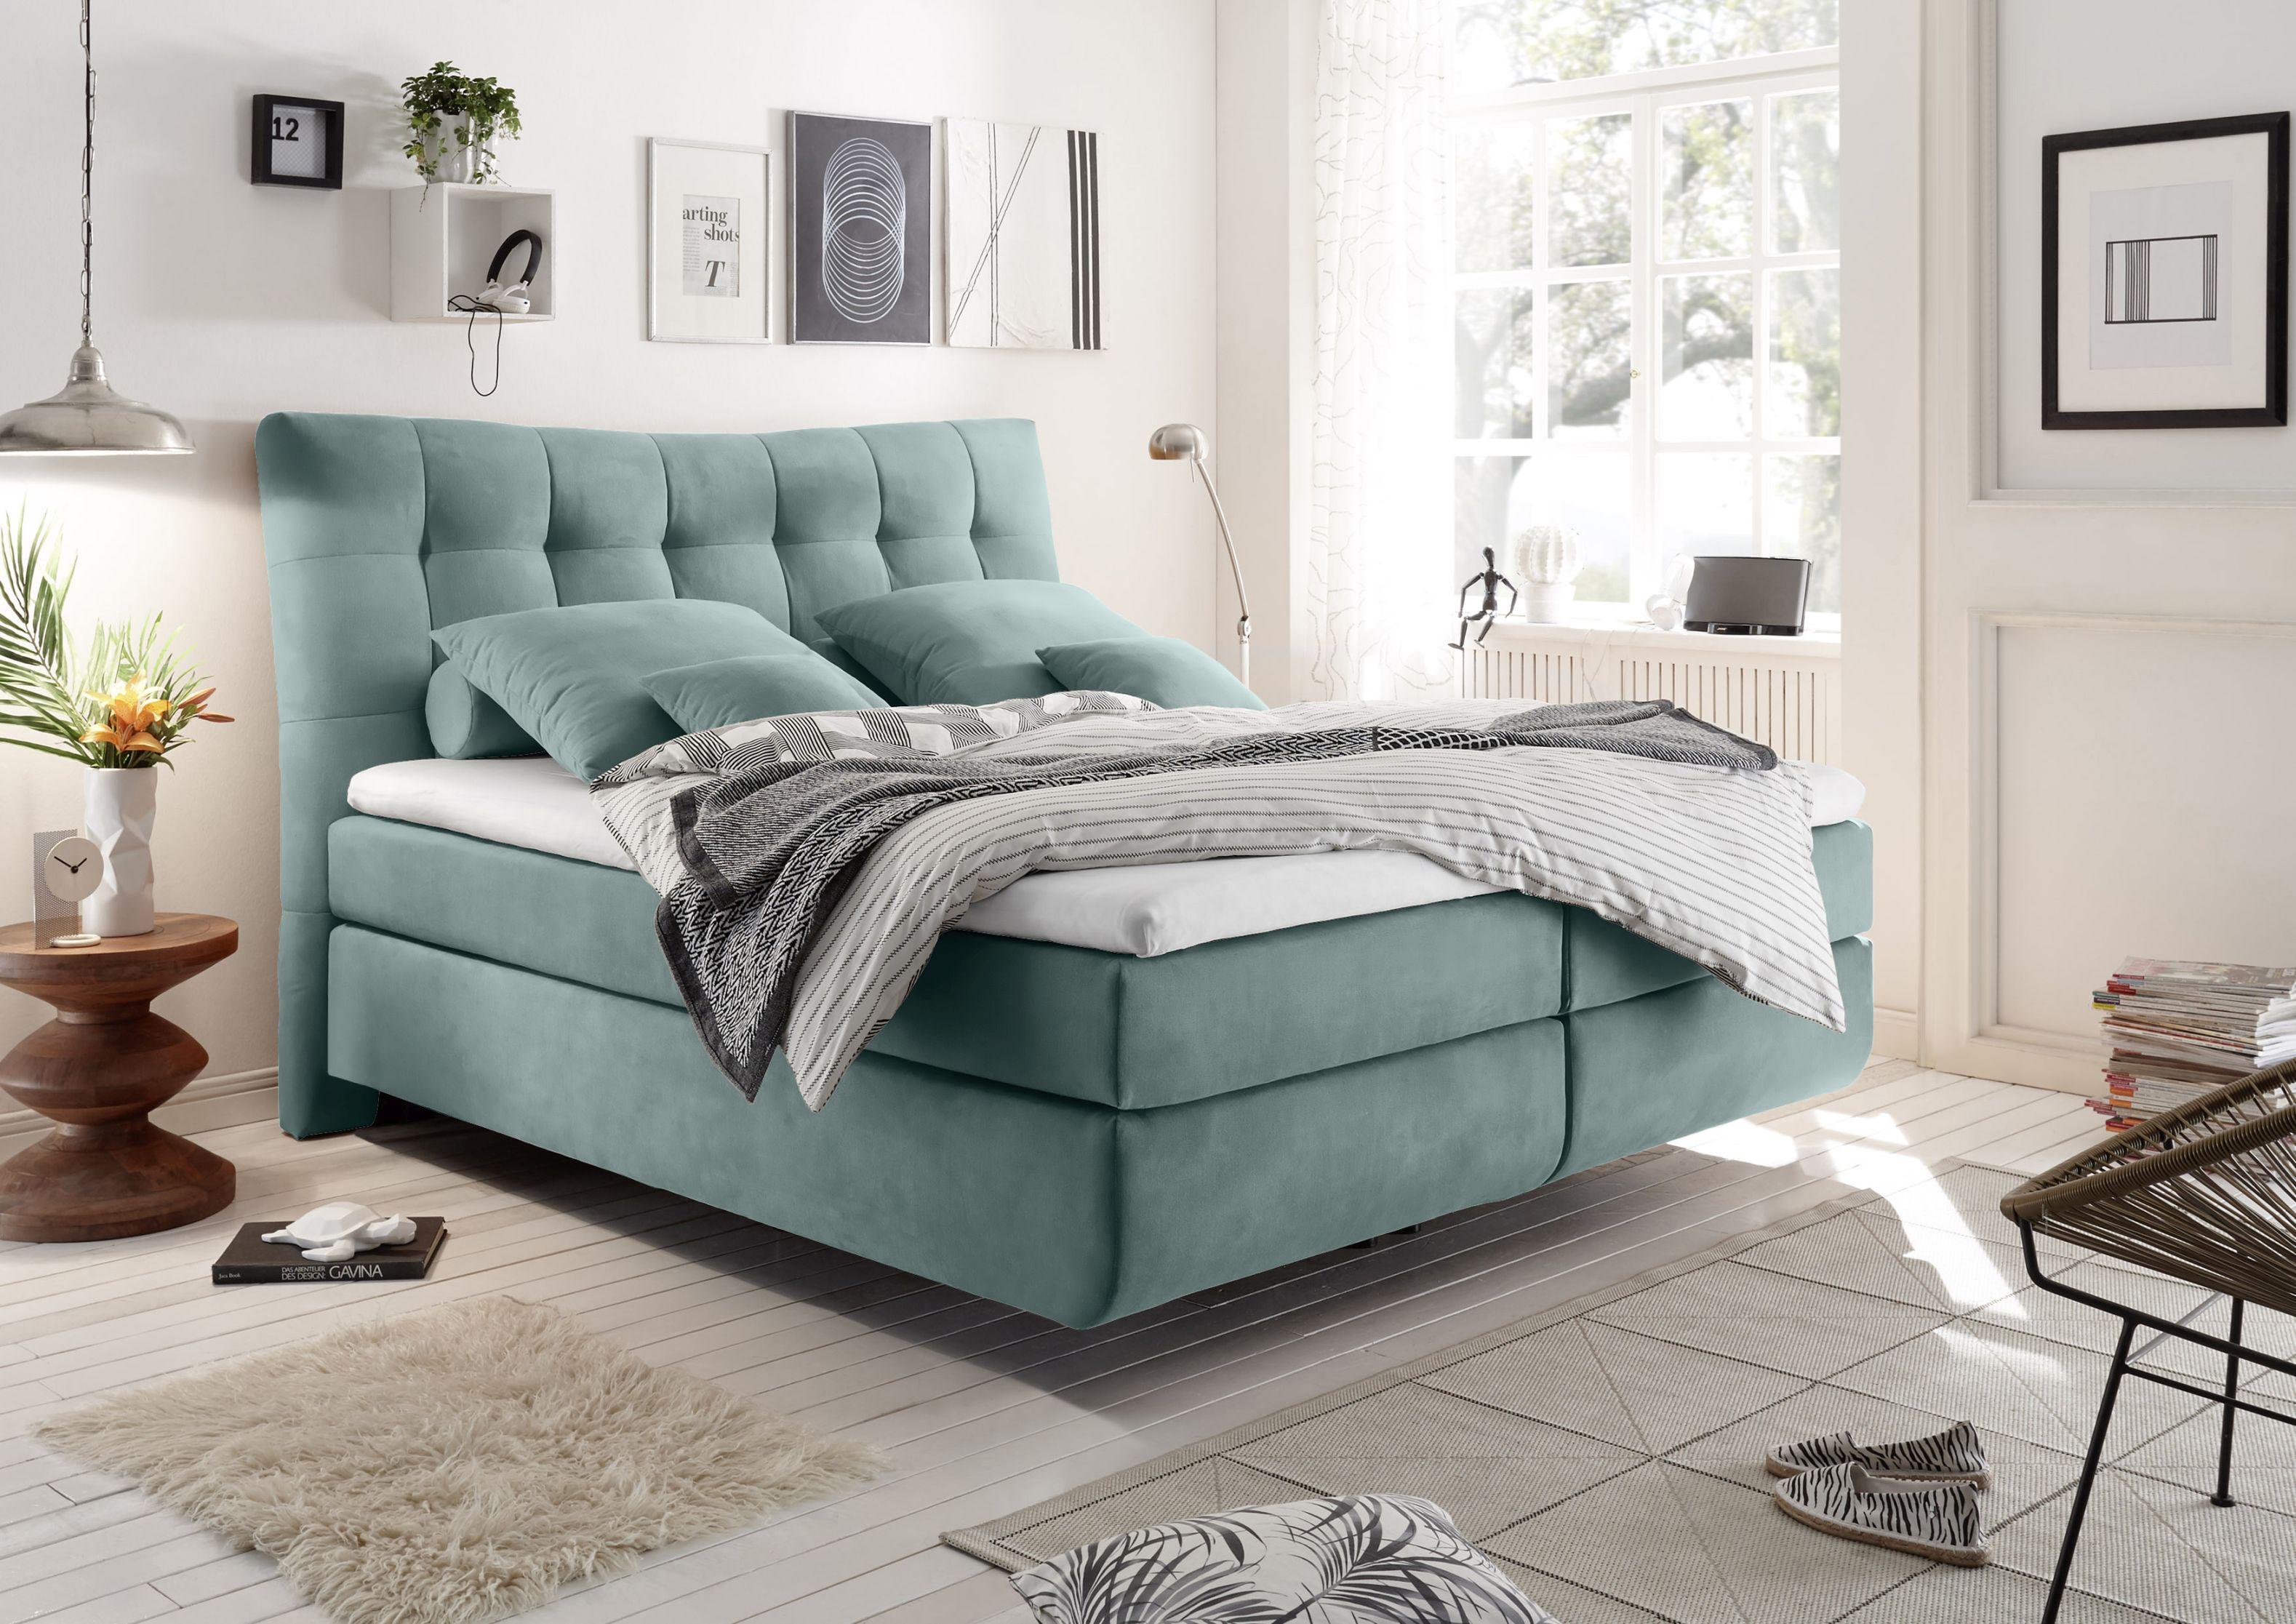 Awesome Schlafzimmer Bilder über Bett Pictures - Erstaunliche Ideen ...